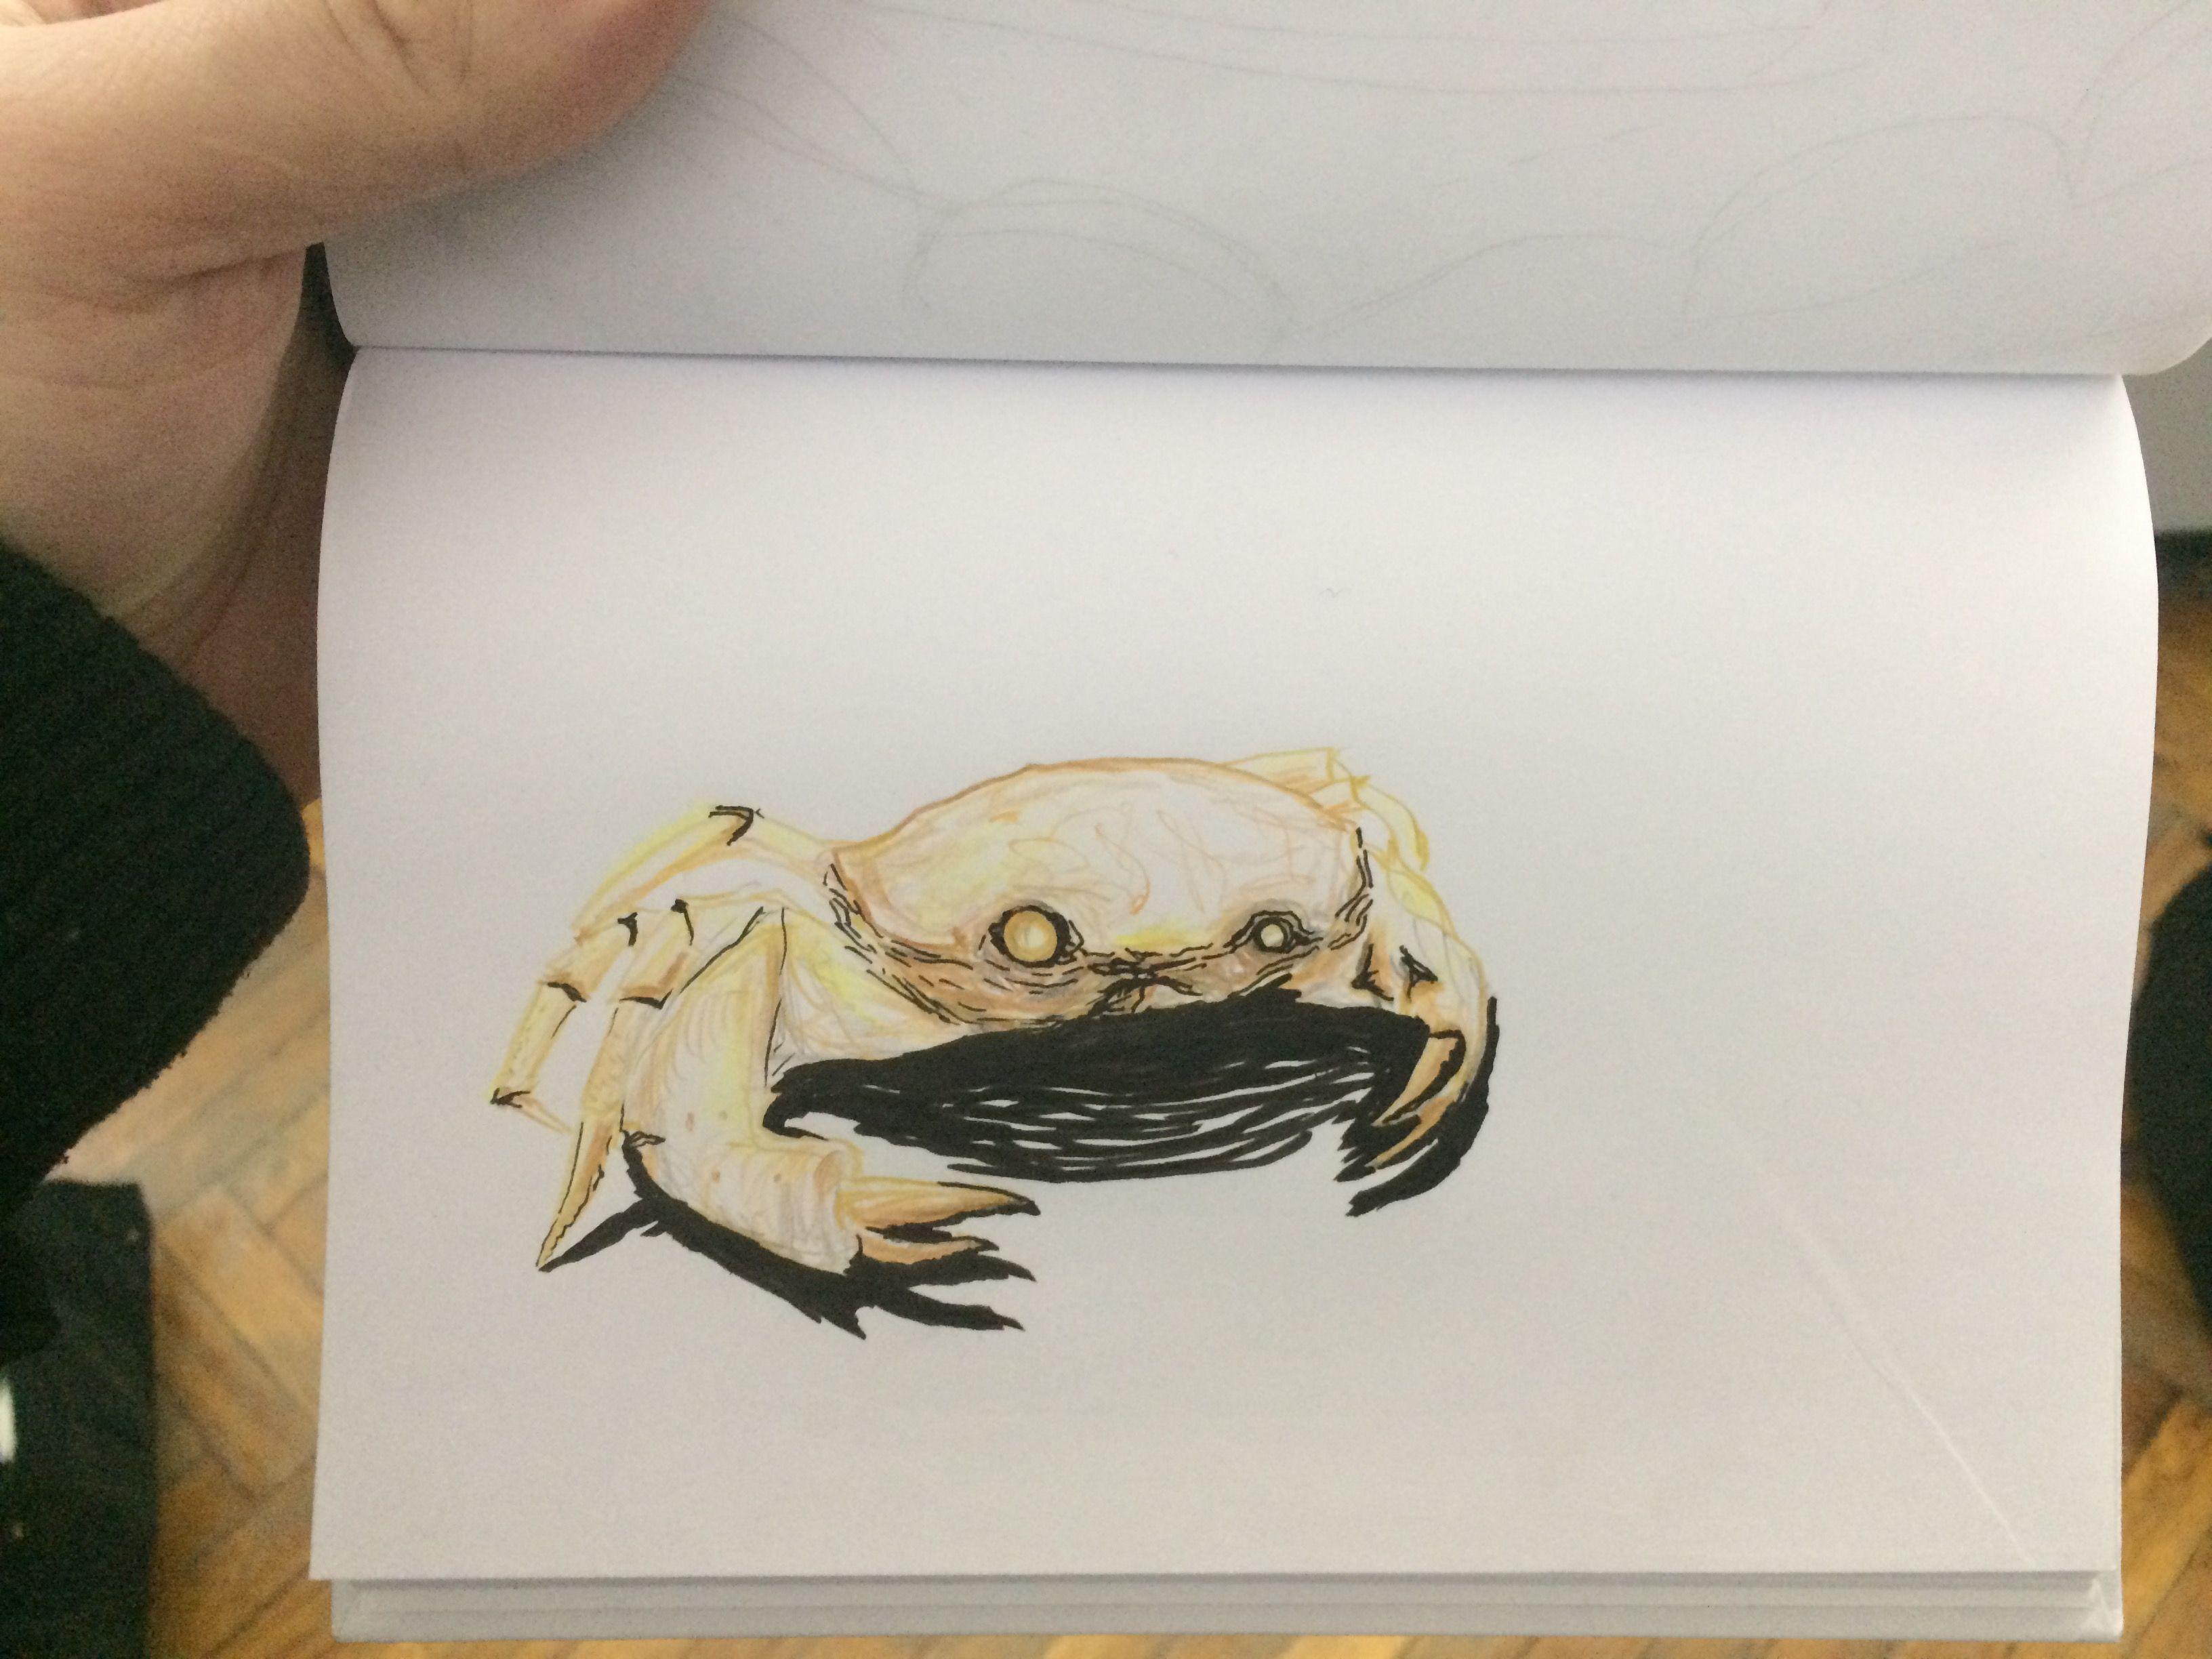 Crab color pencils sketch my drawings 2017 color pencil sketch